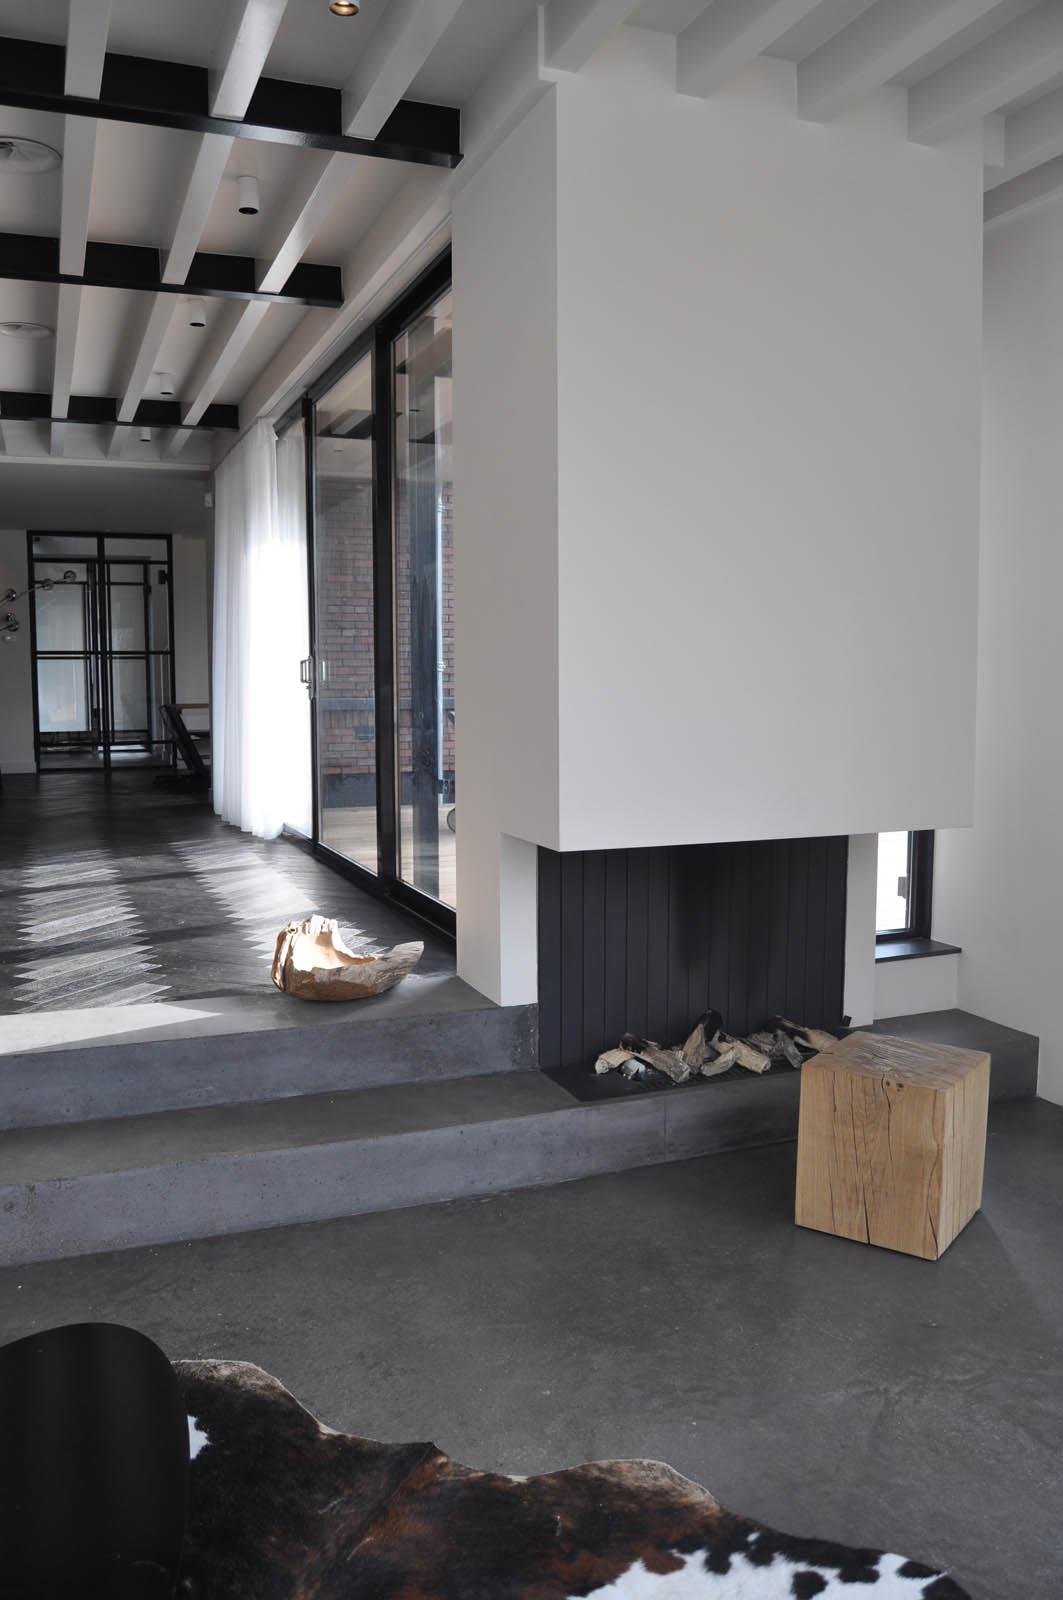 Fireplace, Villa Heiloo, by Jeroen de Nijs